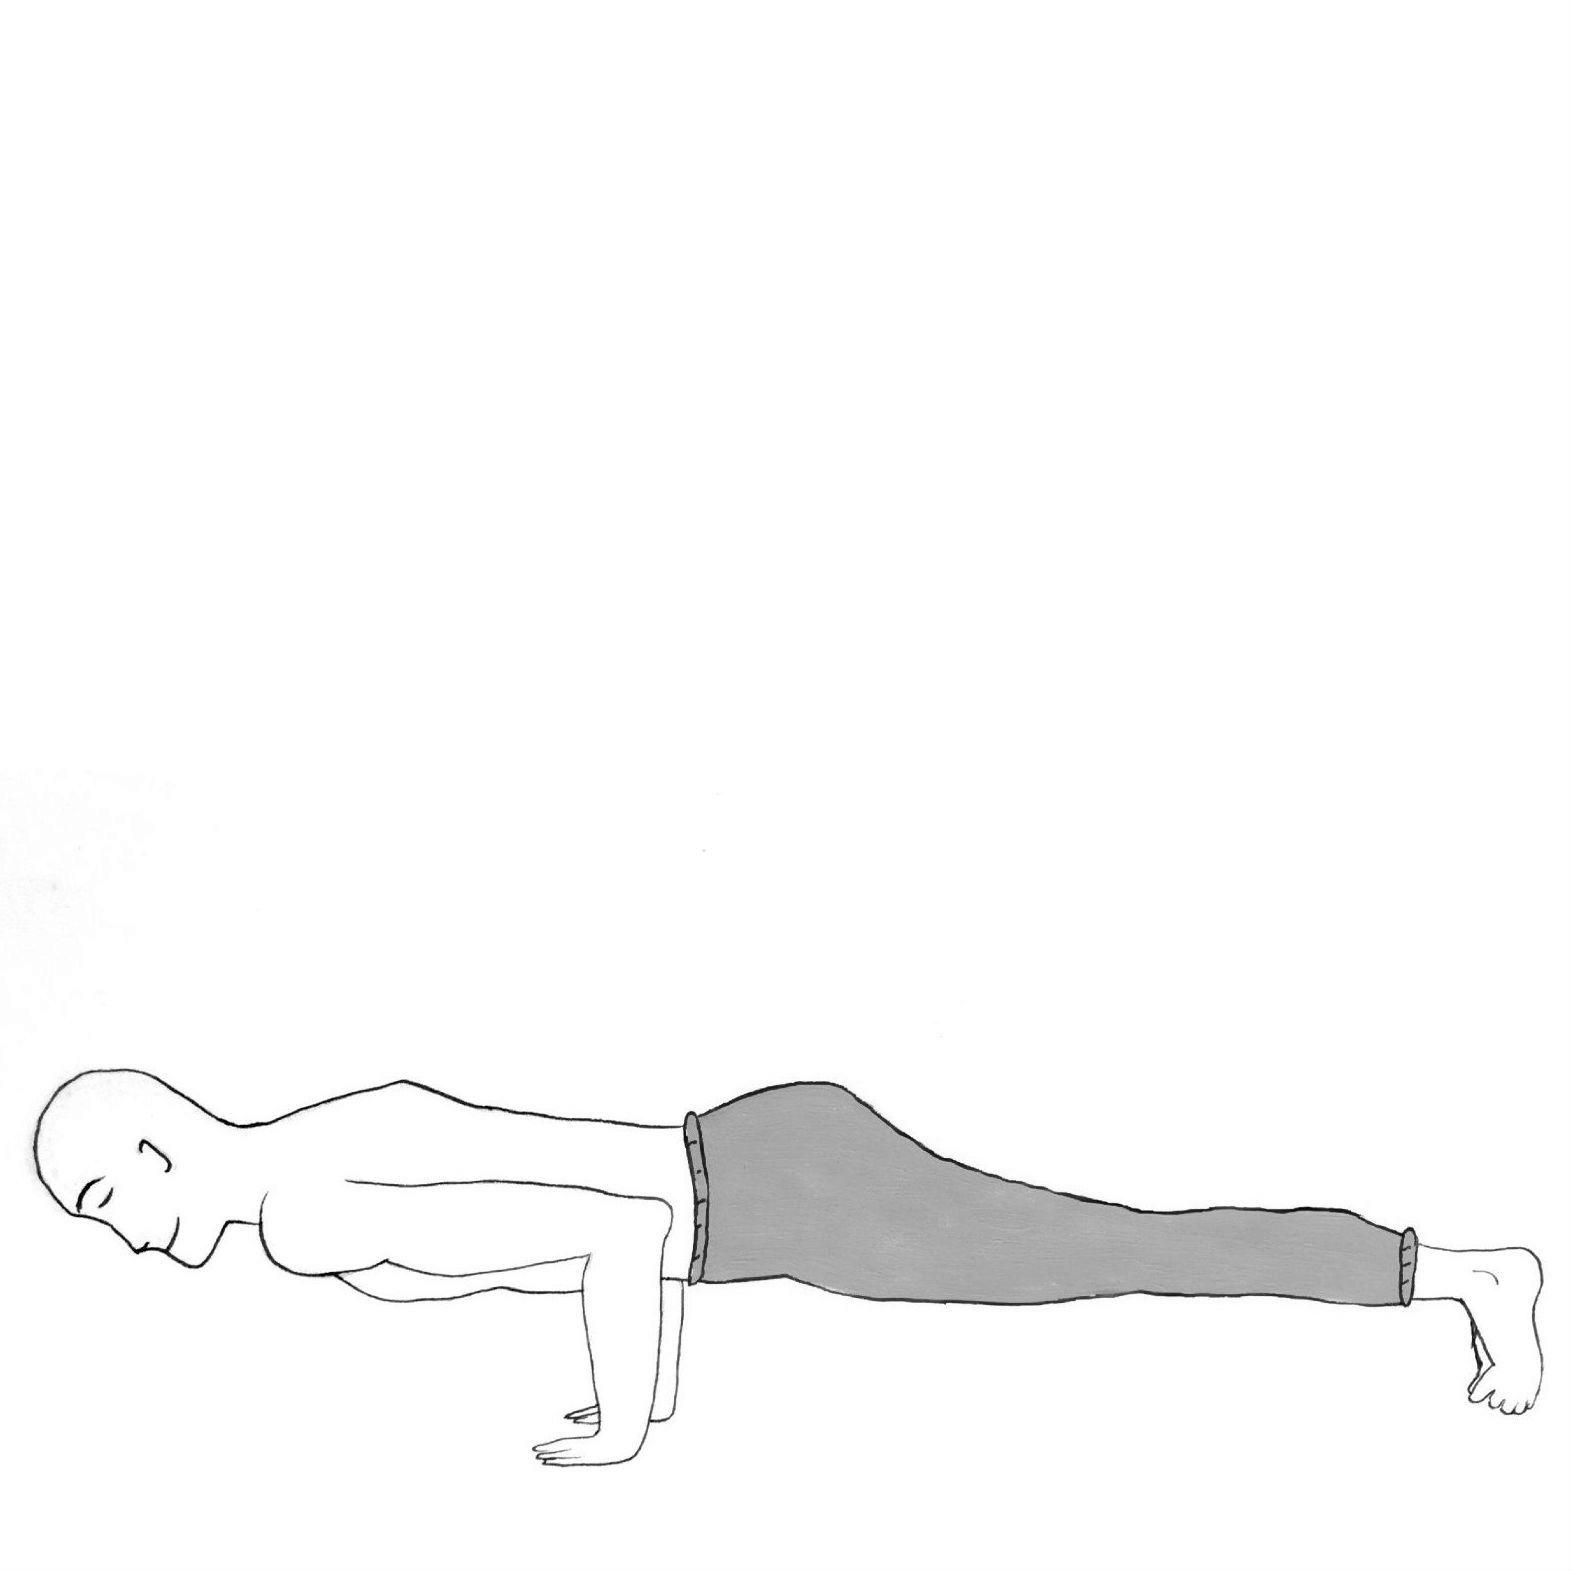 Low Plank - Chaturanga Dandasana